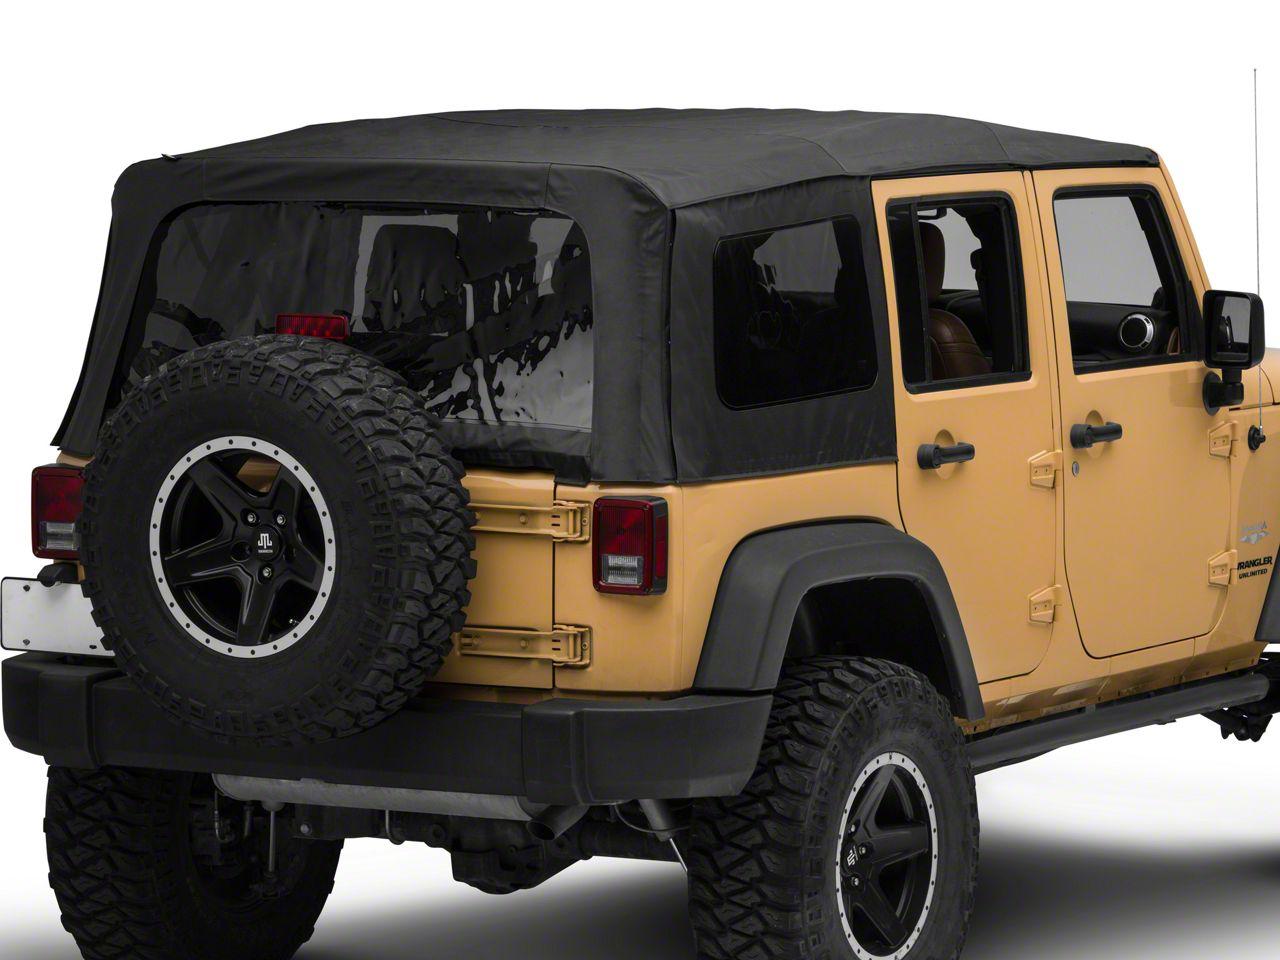 Rough Country Replacement Soft Top - Black Denim (10-18 Jeep Wrangler JK 4 Door)